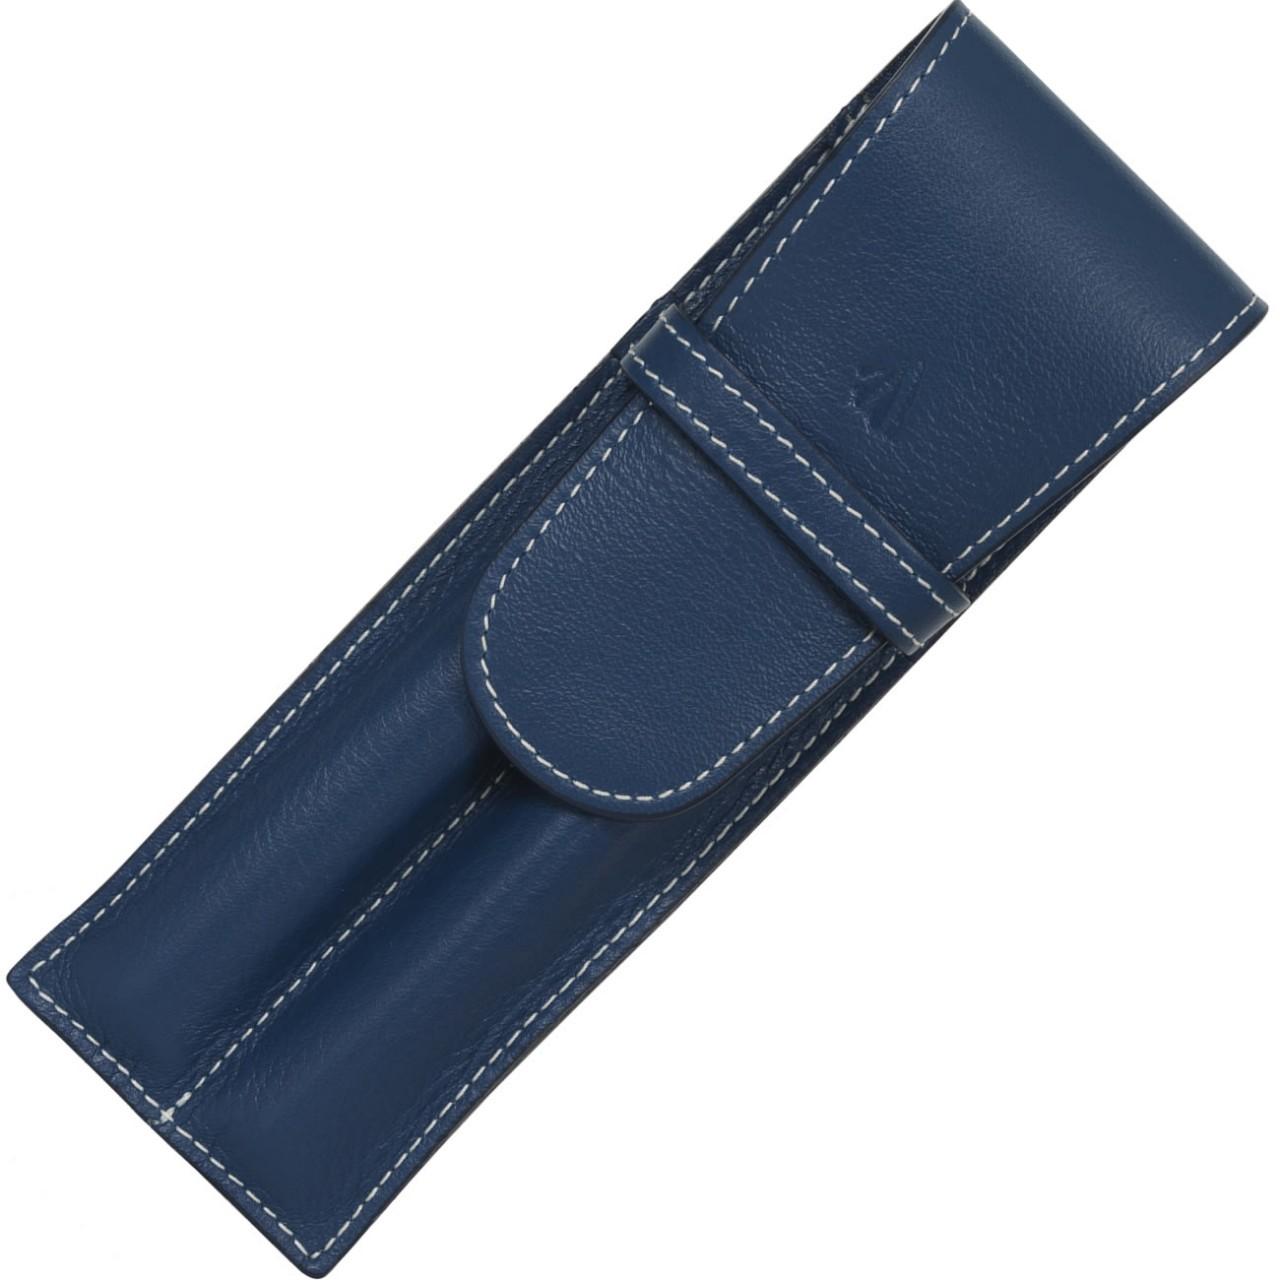 LARGE SOFT PEN POUCH W/FLAP 2P * RIVIERA BLUE